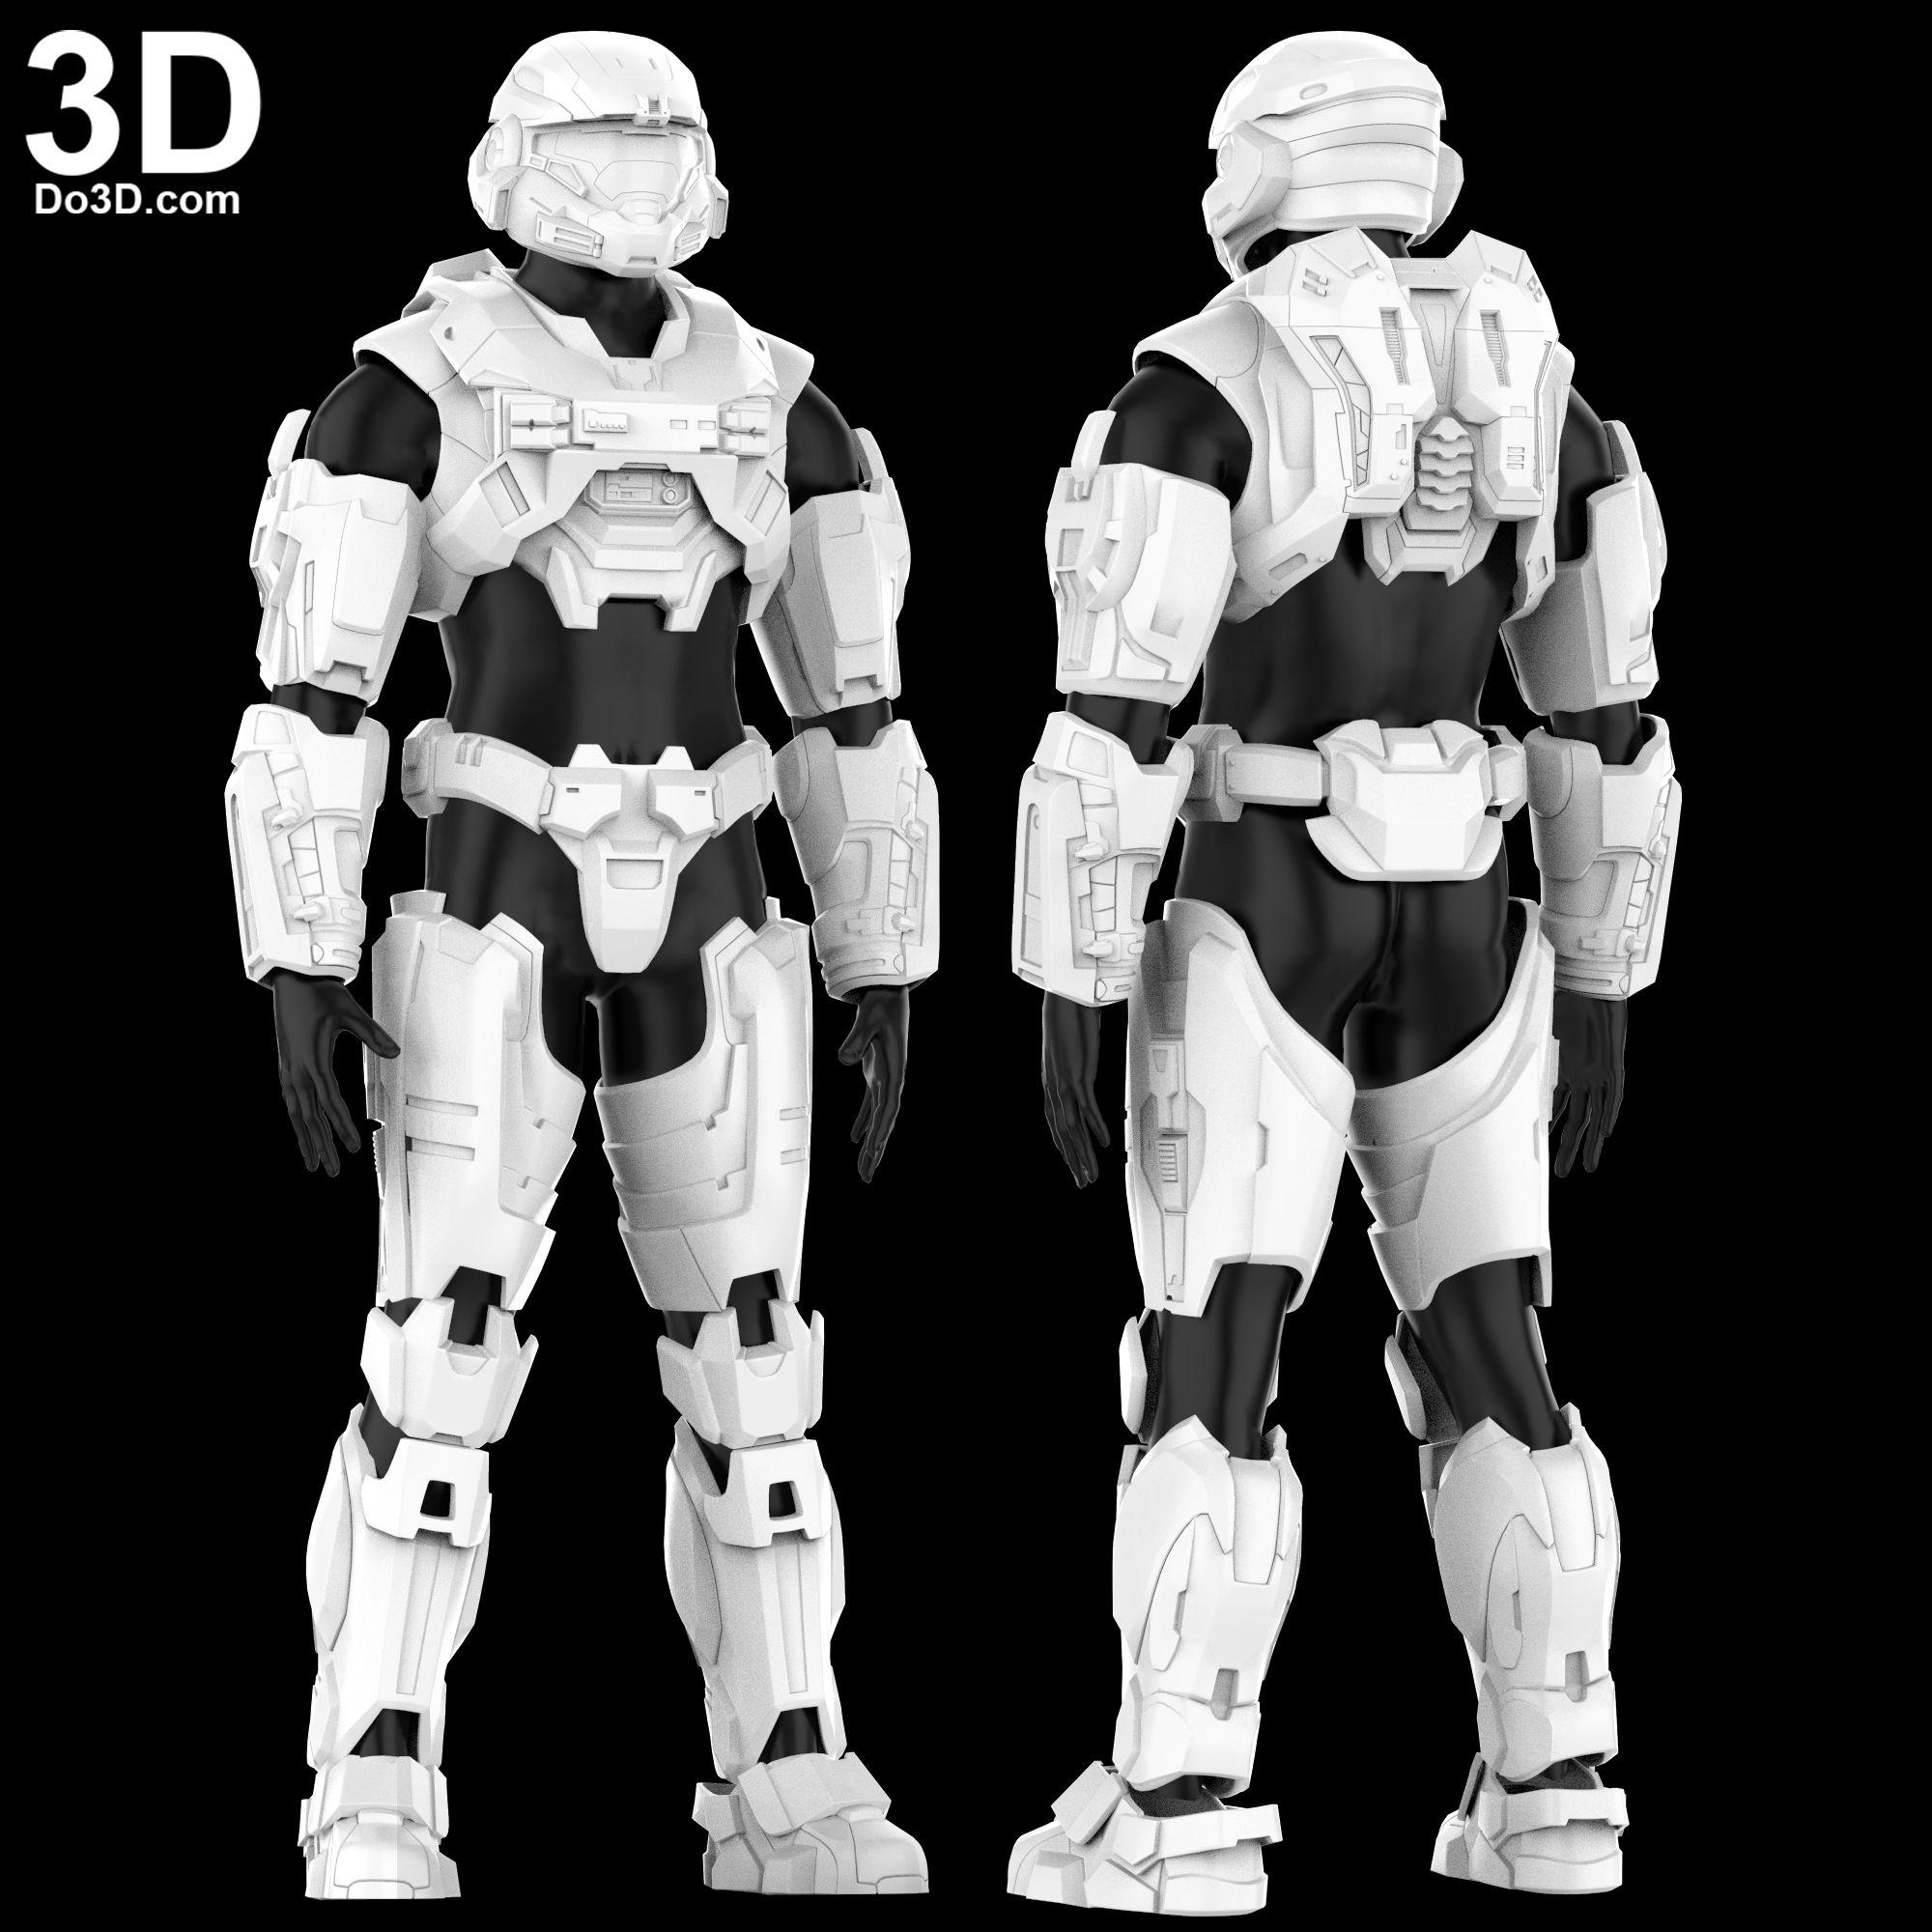 3D Printable Model: Halo Reach Armor Mjolnir Powered Assault